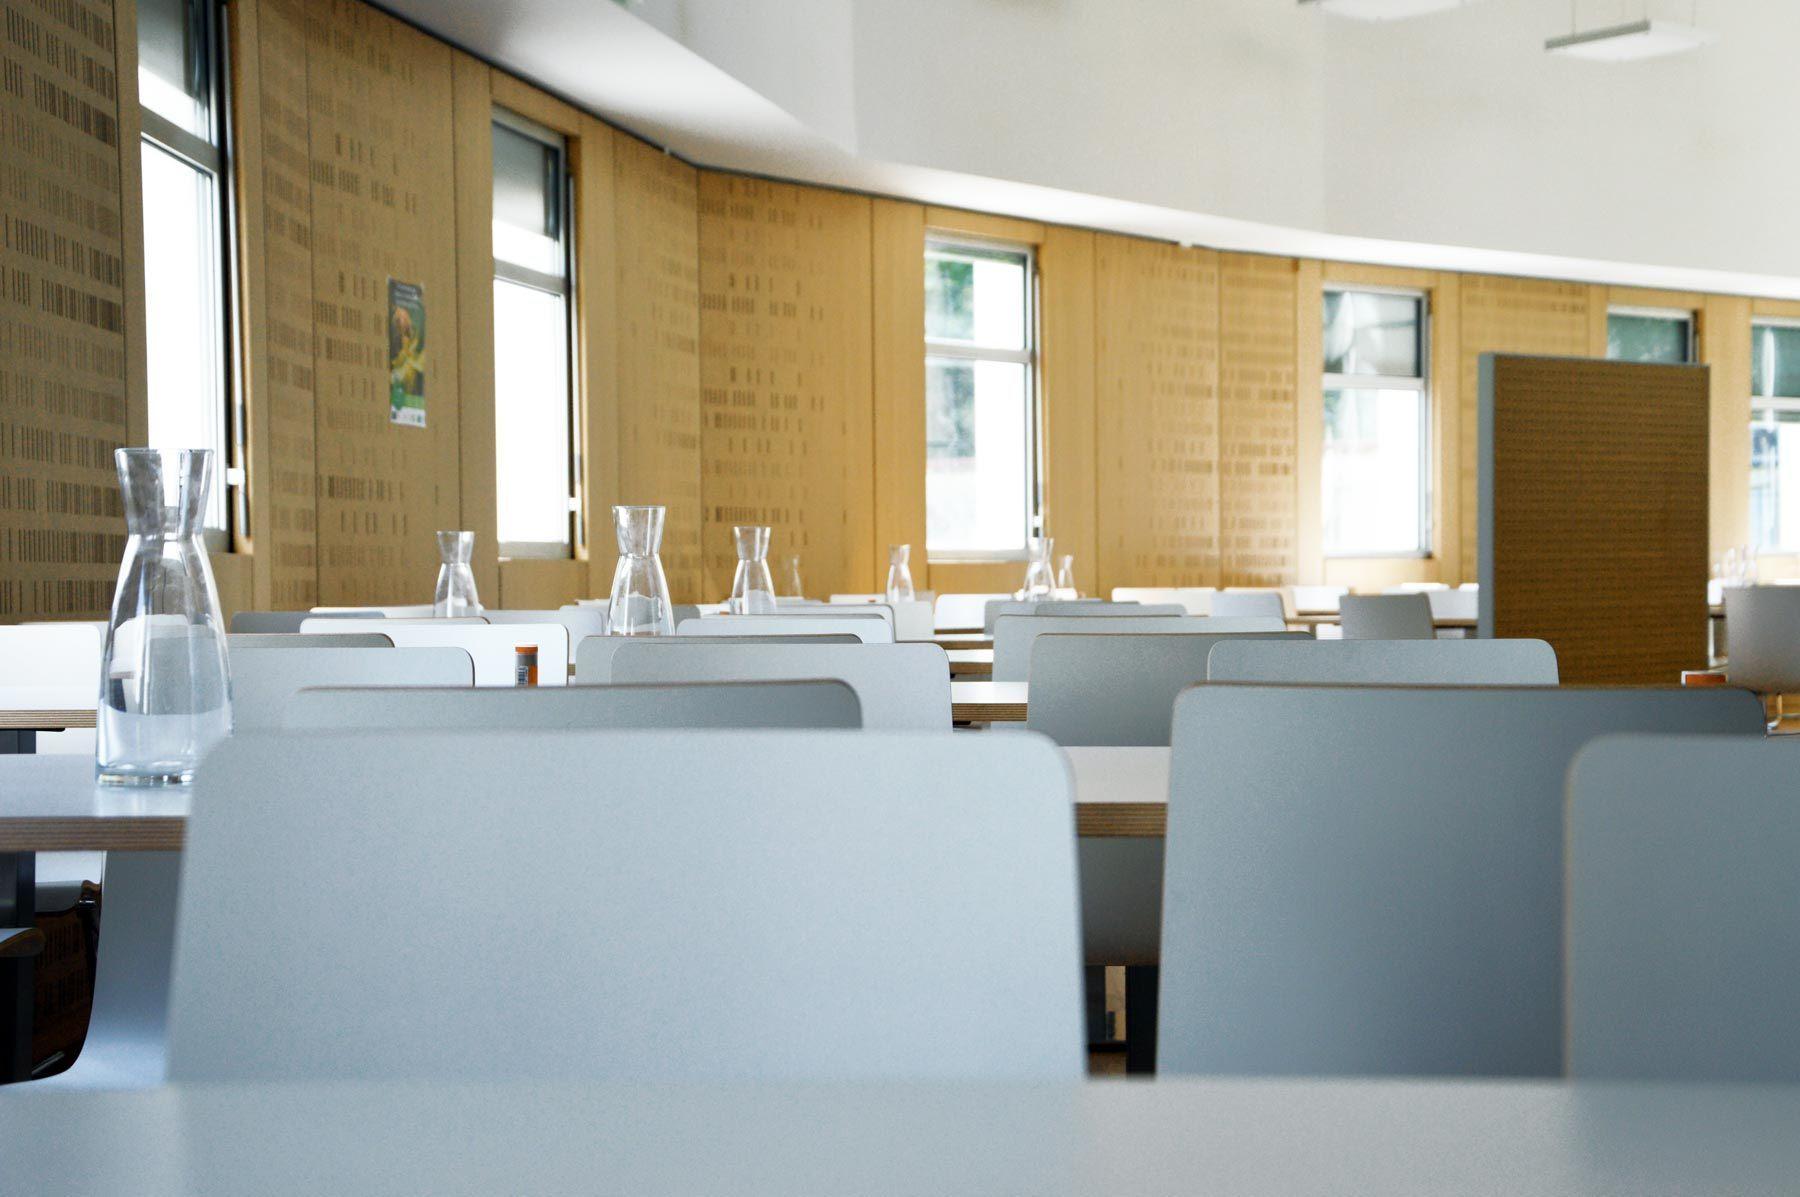 Entreprise D Architecture Lyon restaurant d'entreprise france tÉlÉcom orange À lyon